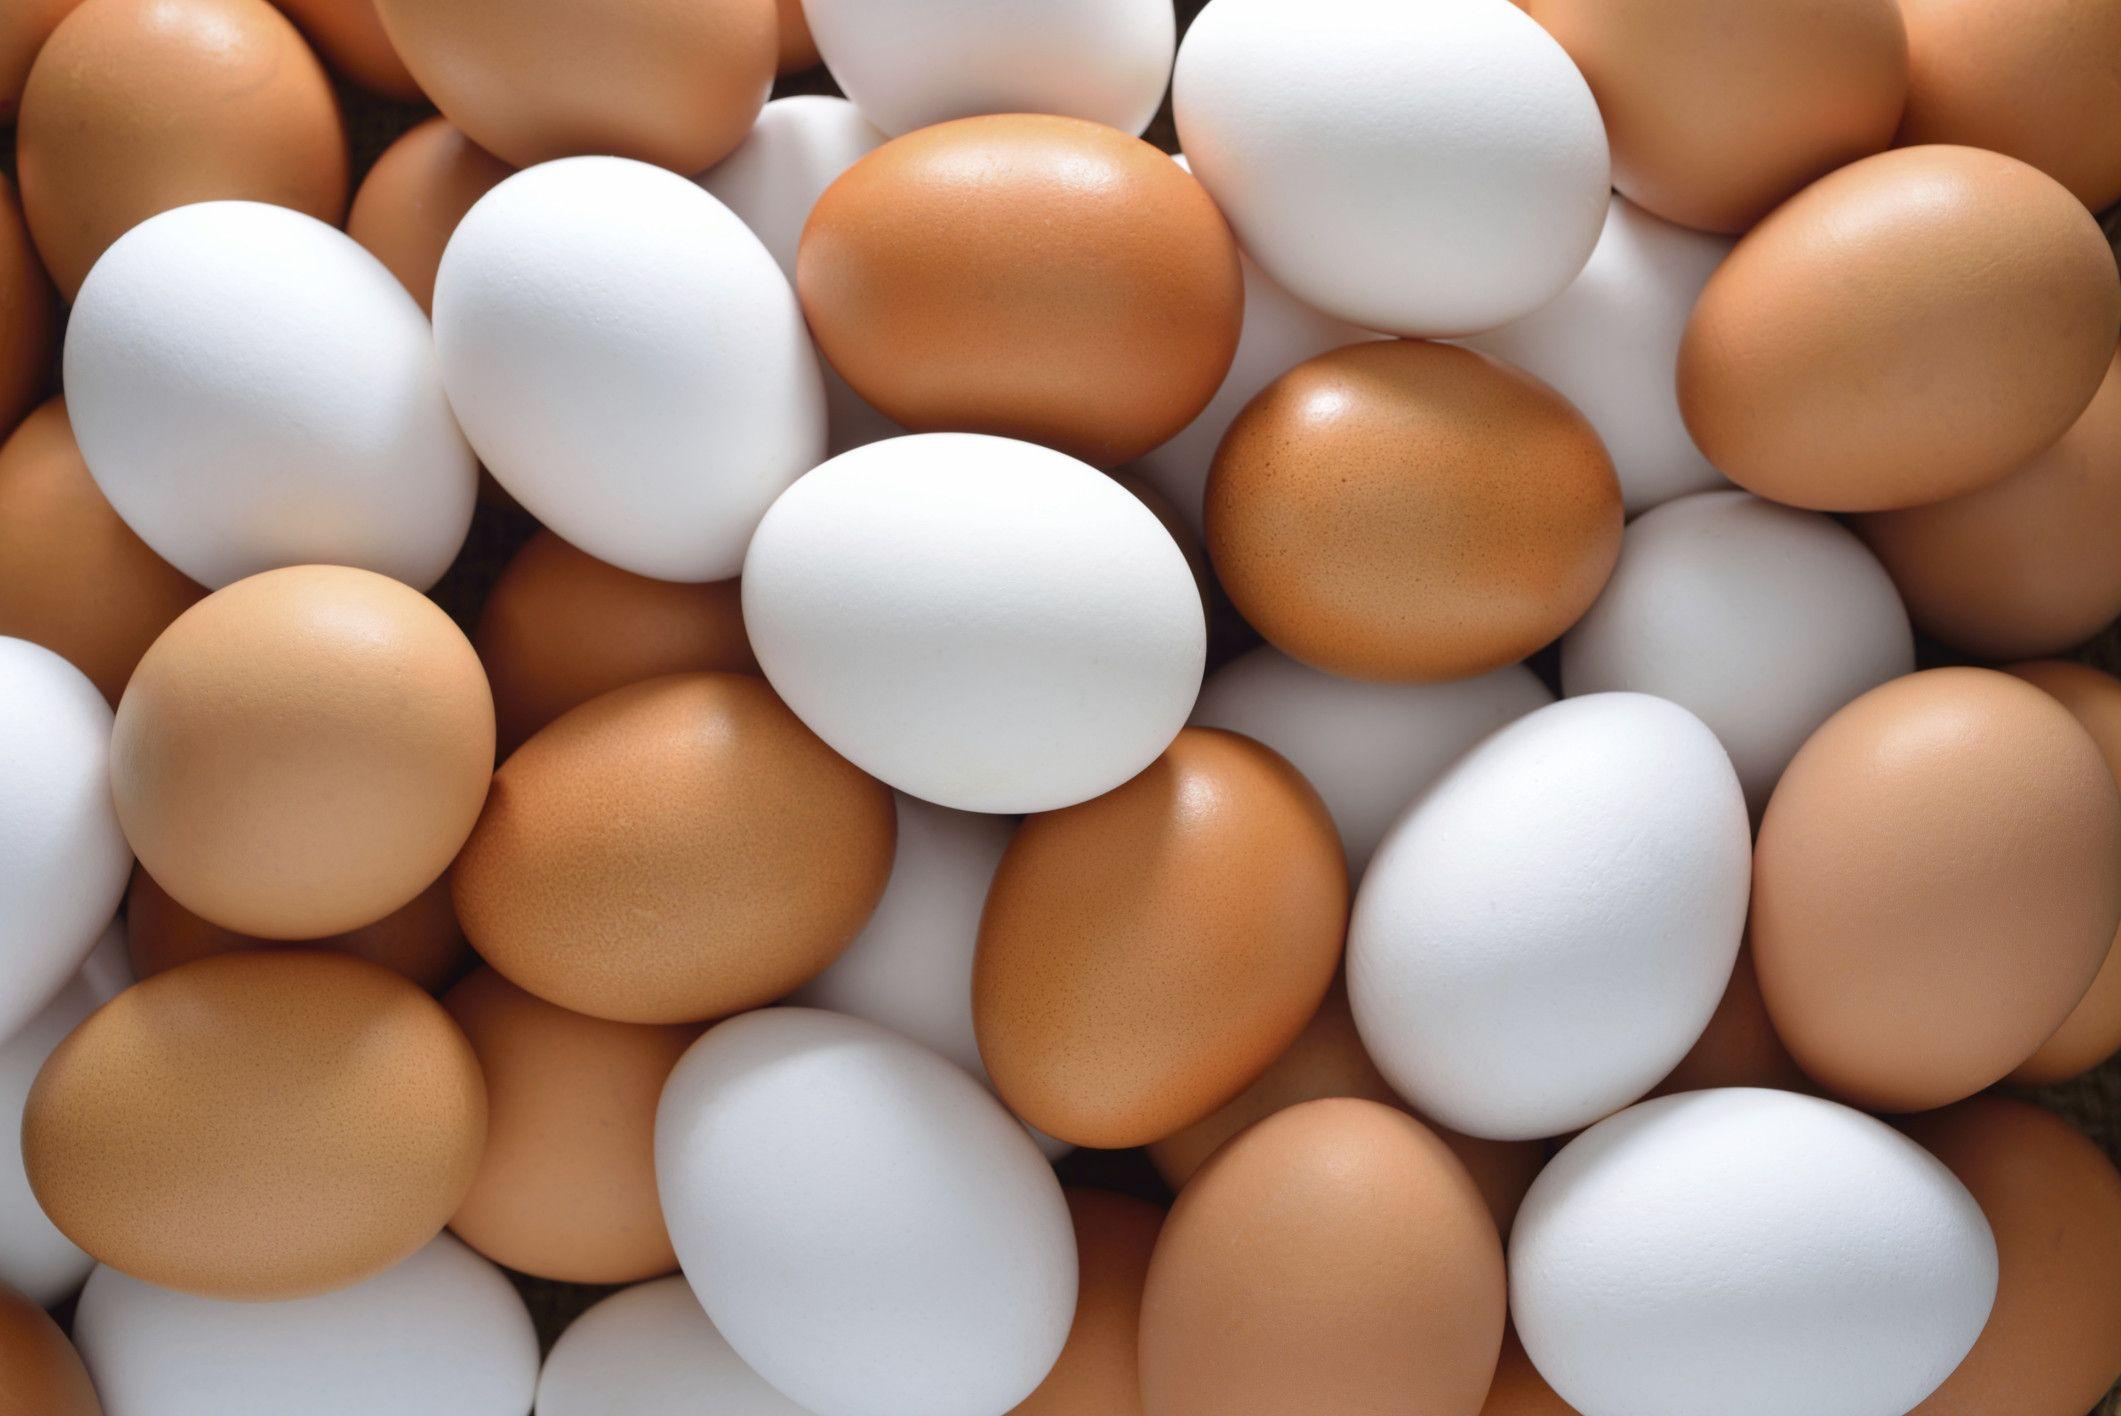 Mangiare un uovo al giorno fa bene o fa male?